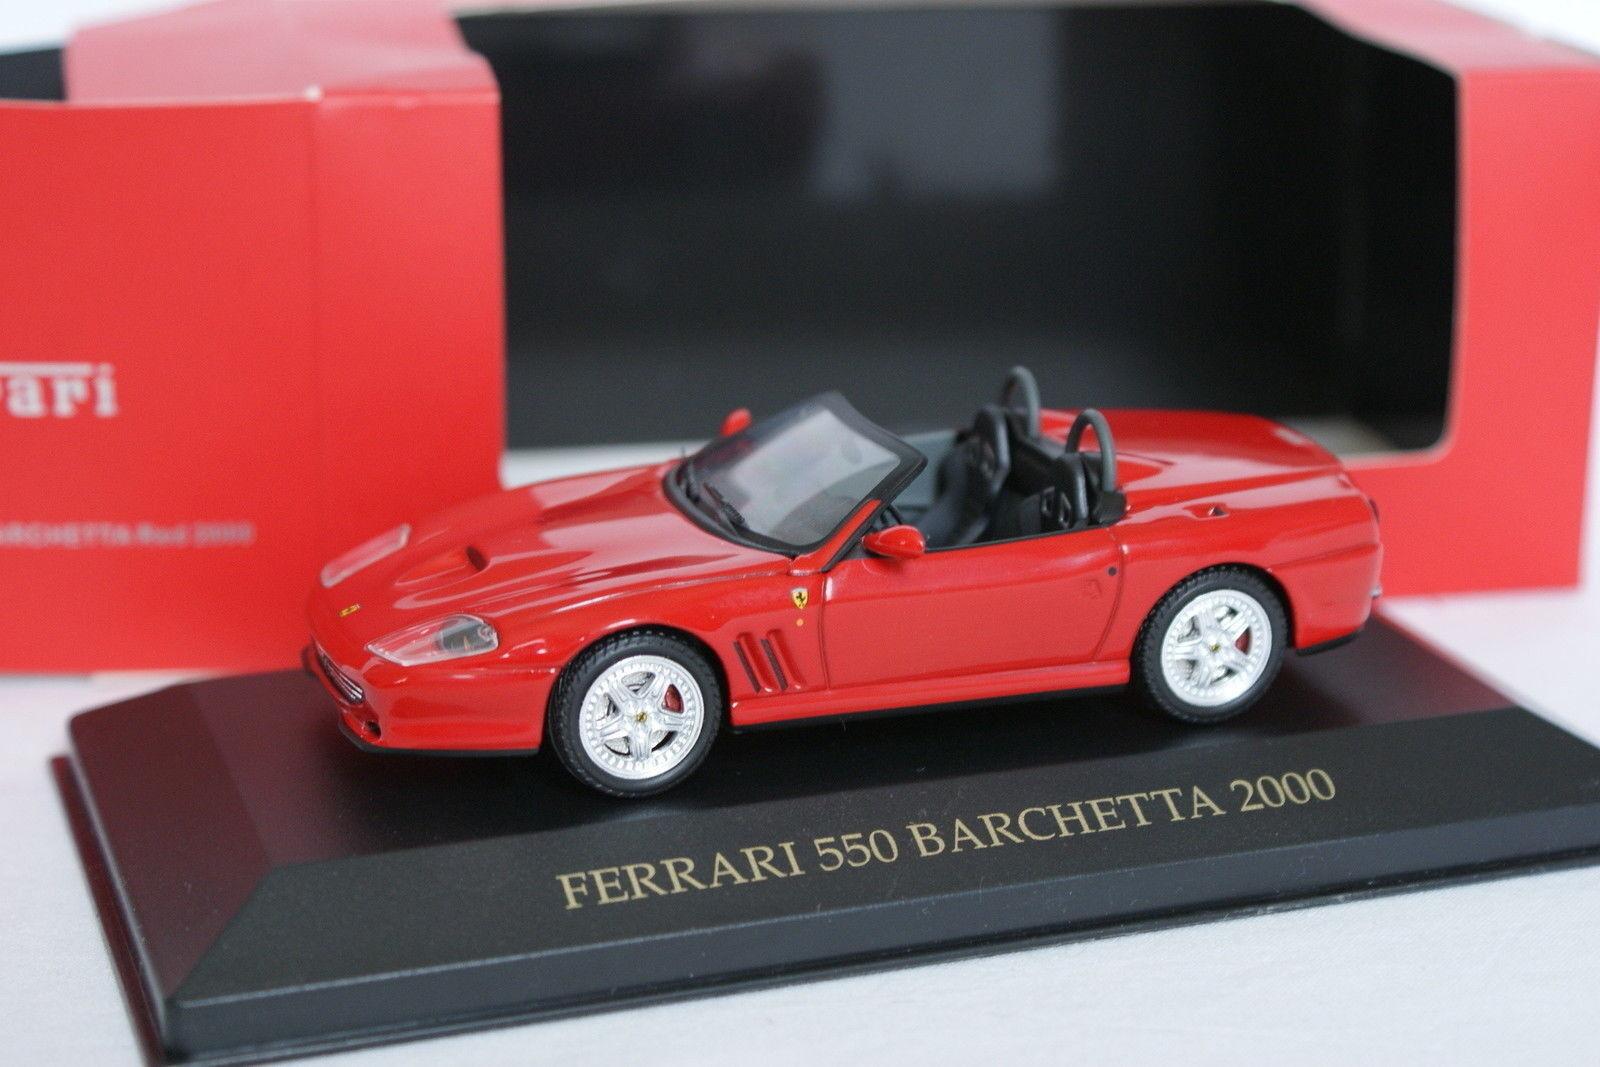 Ixo 1 1 1 43 - Ferrari 550 Barchetta 2000 a94774